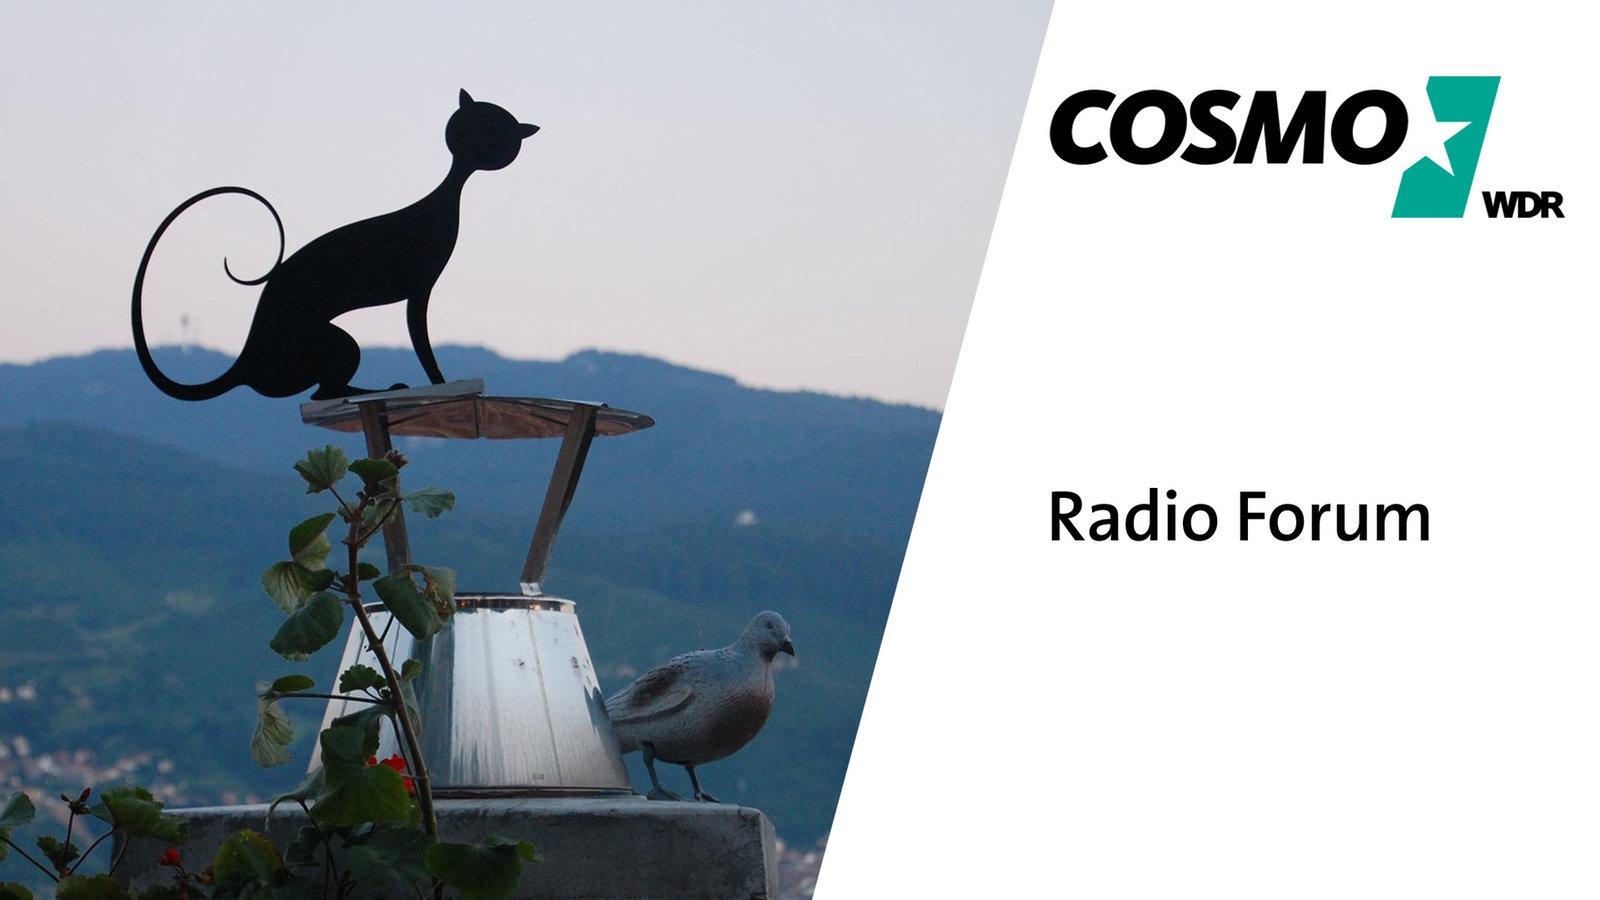 Zuverlässig Und Objektiv Cosmo Radio Forum Cosmo Audio